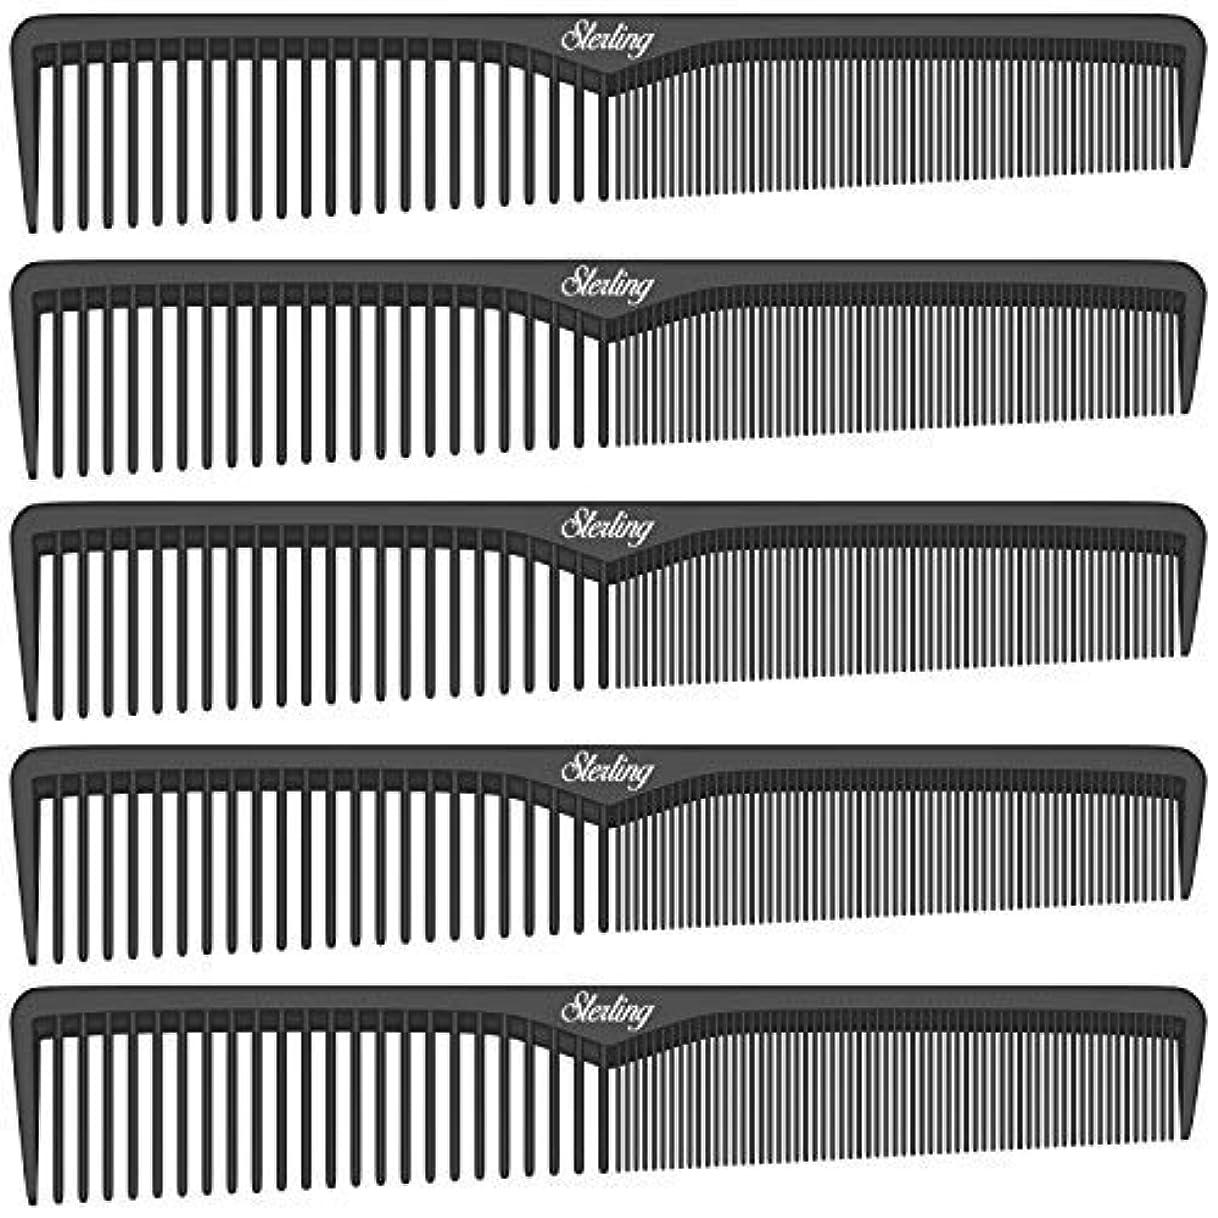 カルシウムカルシウムオンスSterling Beauty Tools Styling Combs, Professional 7